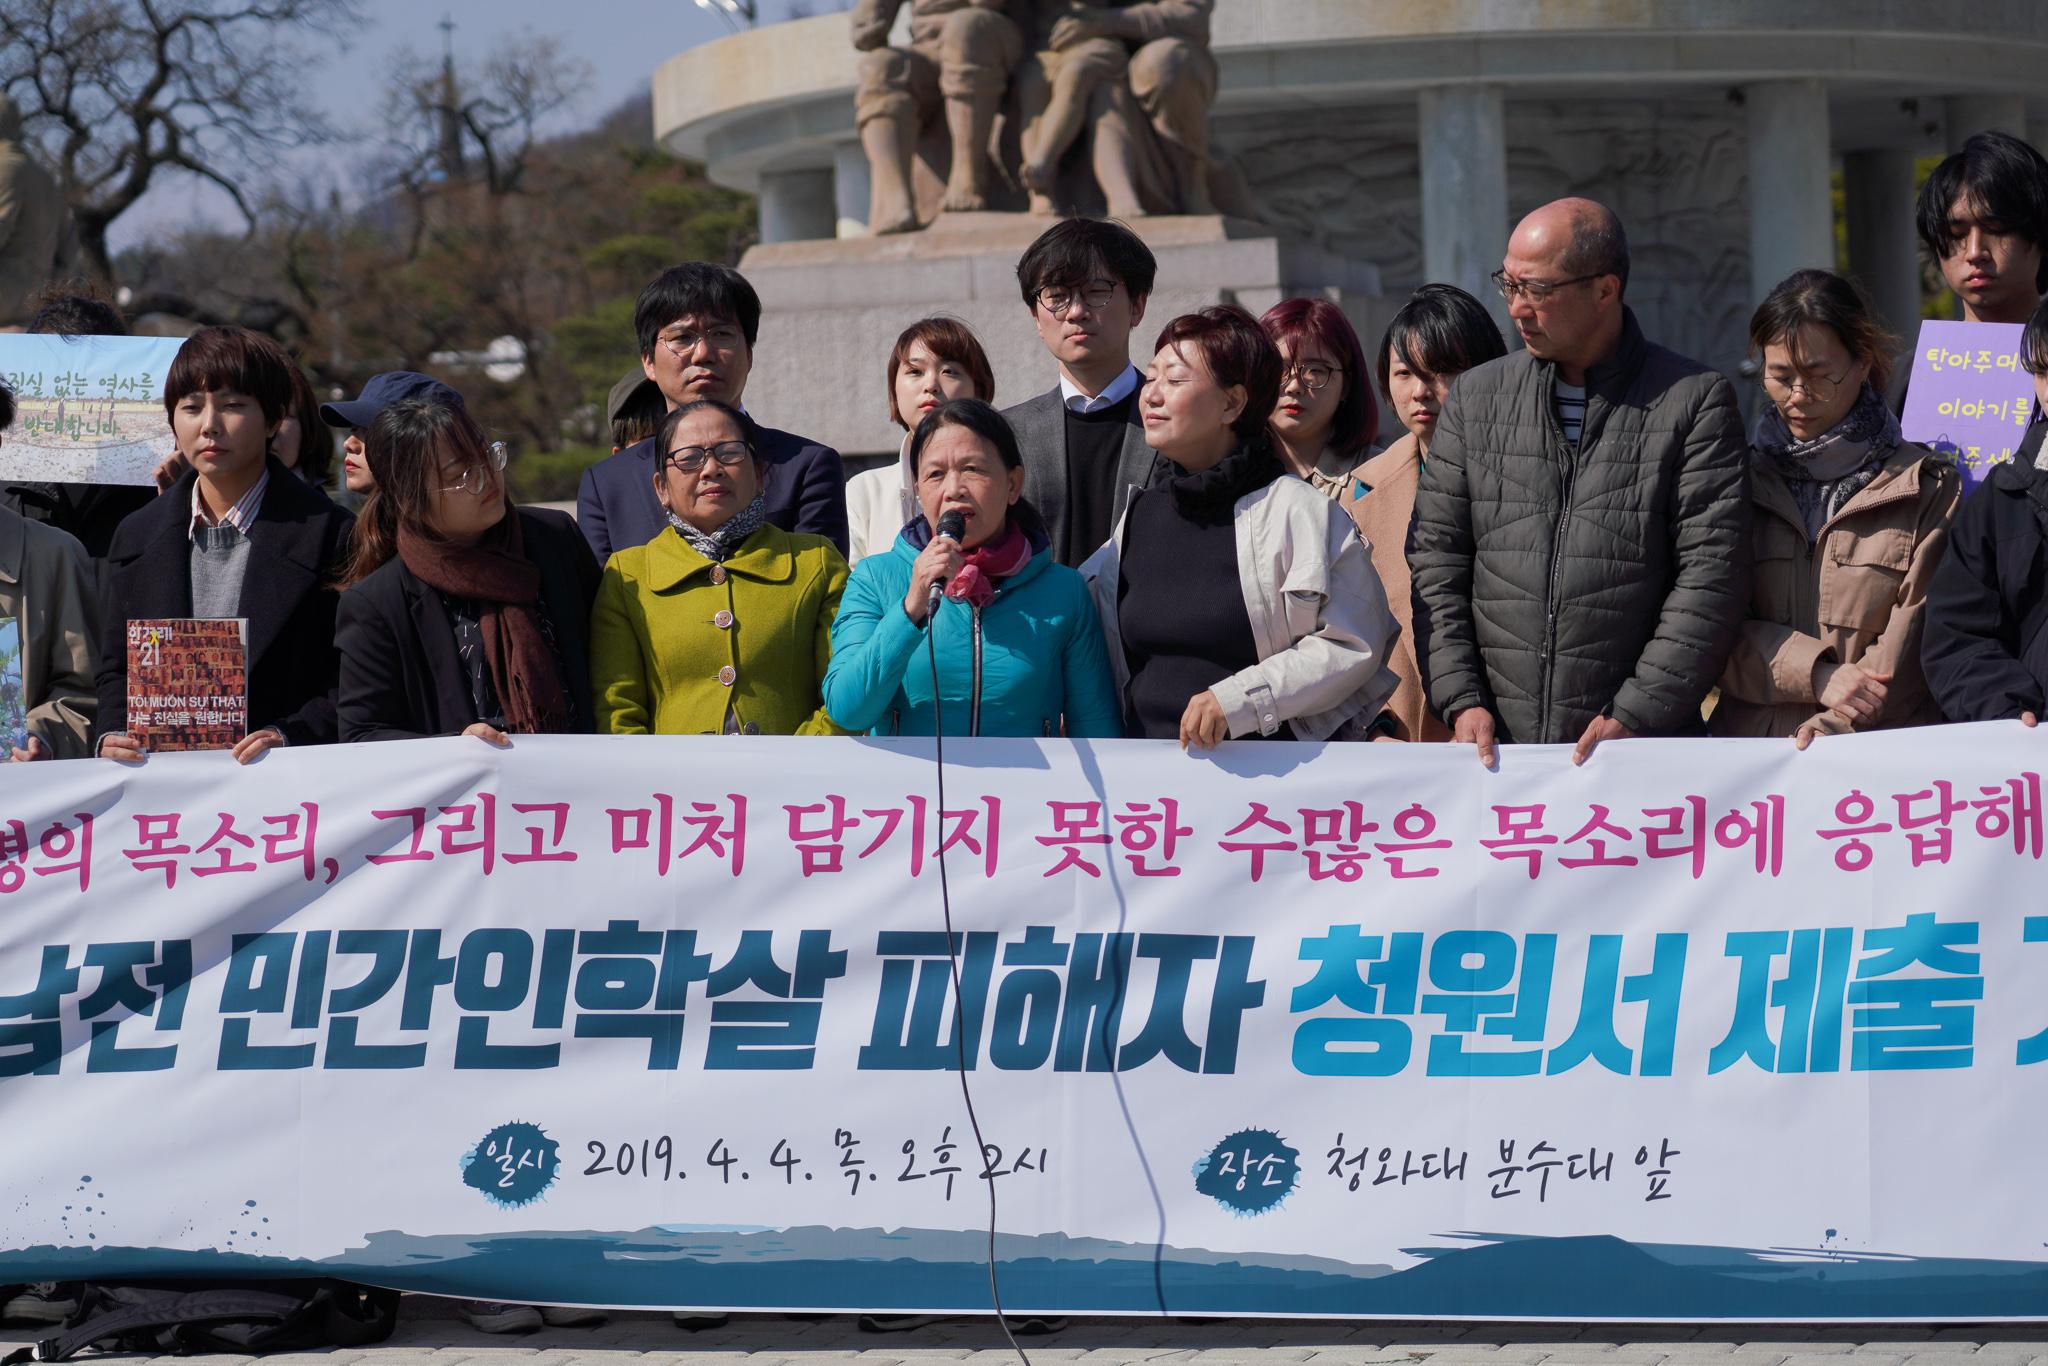 베트남 민간인 학살 피해자 청와대 청원 제출 기자회견